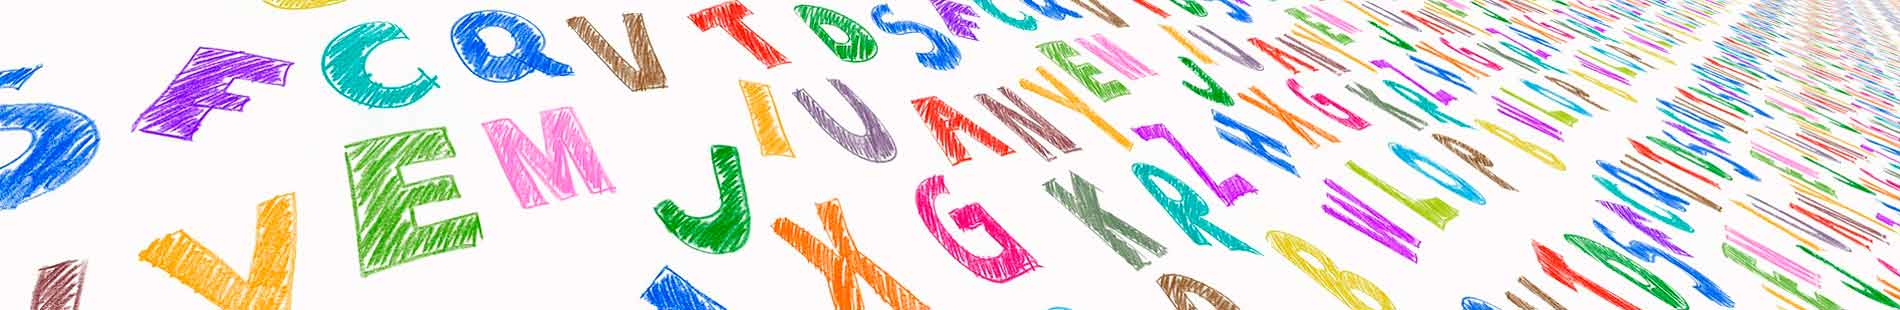 Abbildung Buchstaben in der Flucht - Jugendsprache 2019